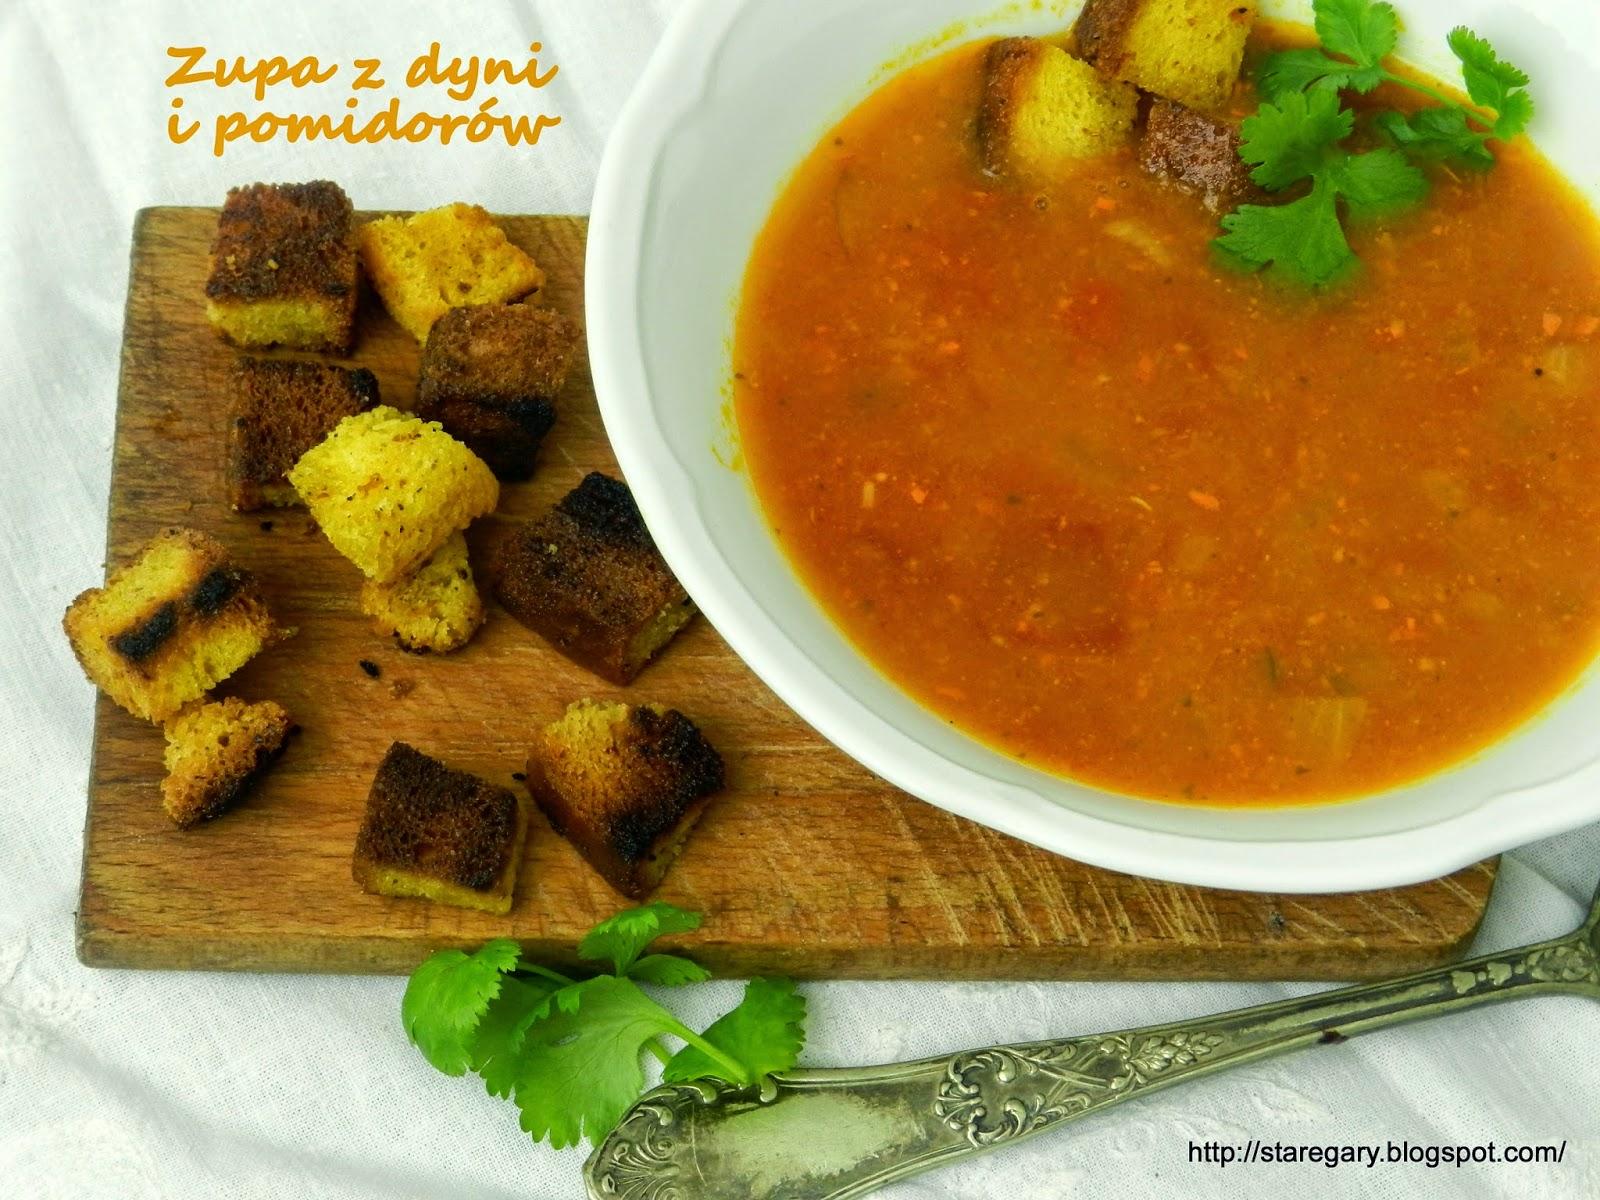 Zupa z dyni i pomidorów - pikantna